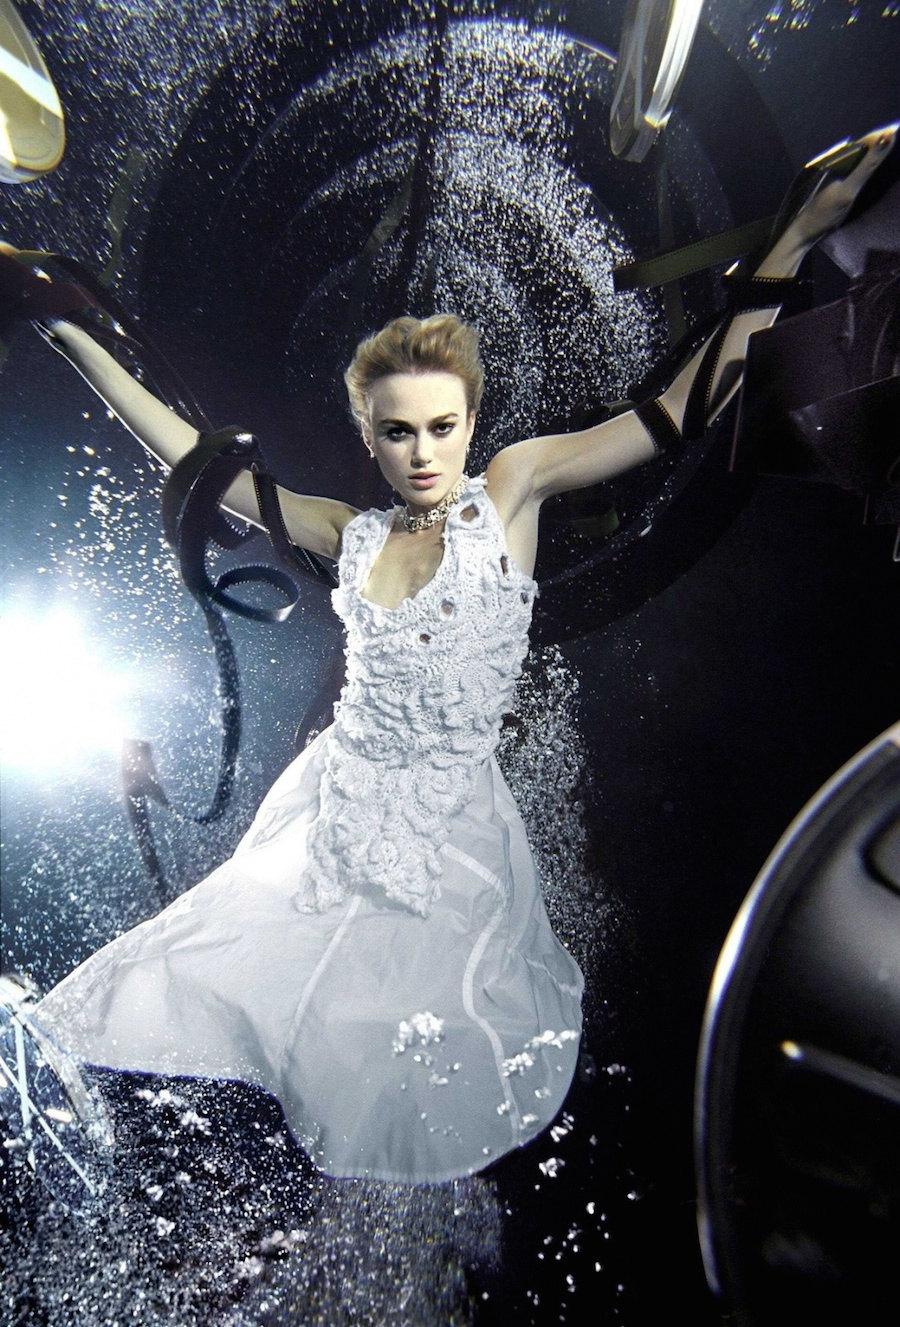 fotografia-subacquea-ritratti-phoebe-rudomino-3